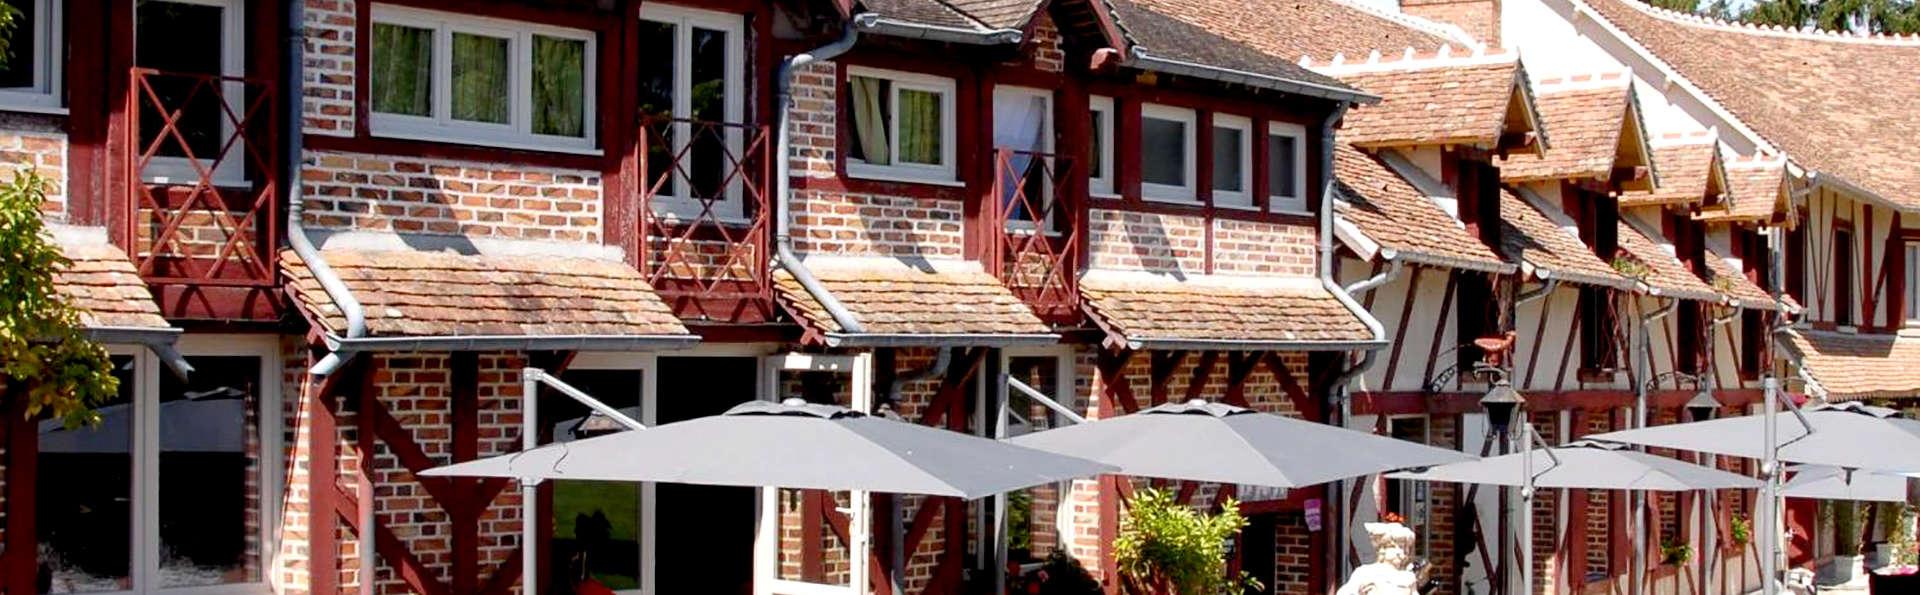 Le Moulin de Villiers - Edit_Front2.jpg